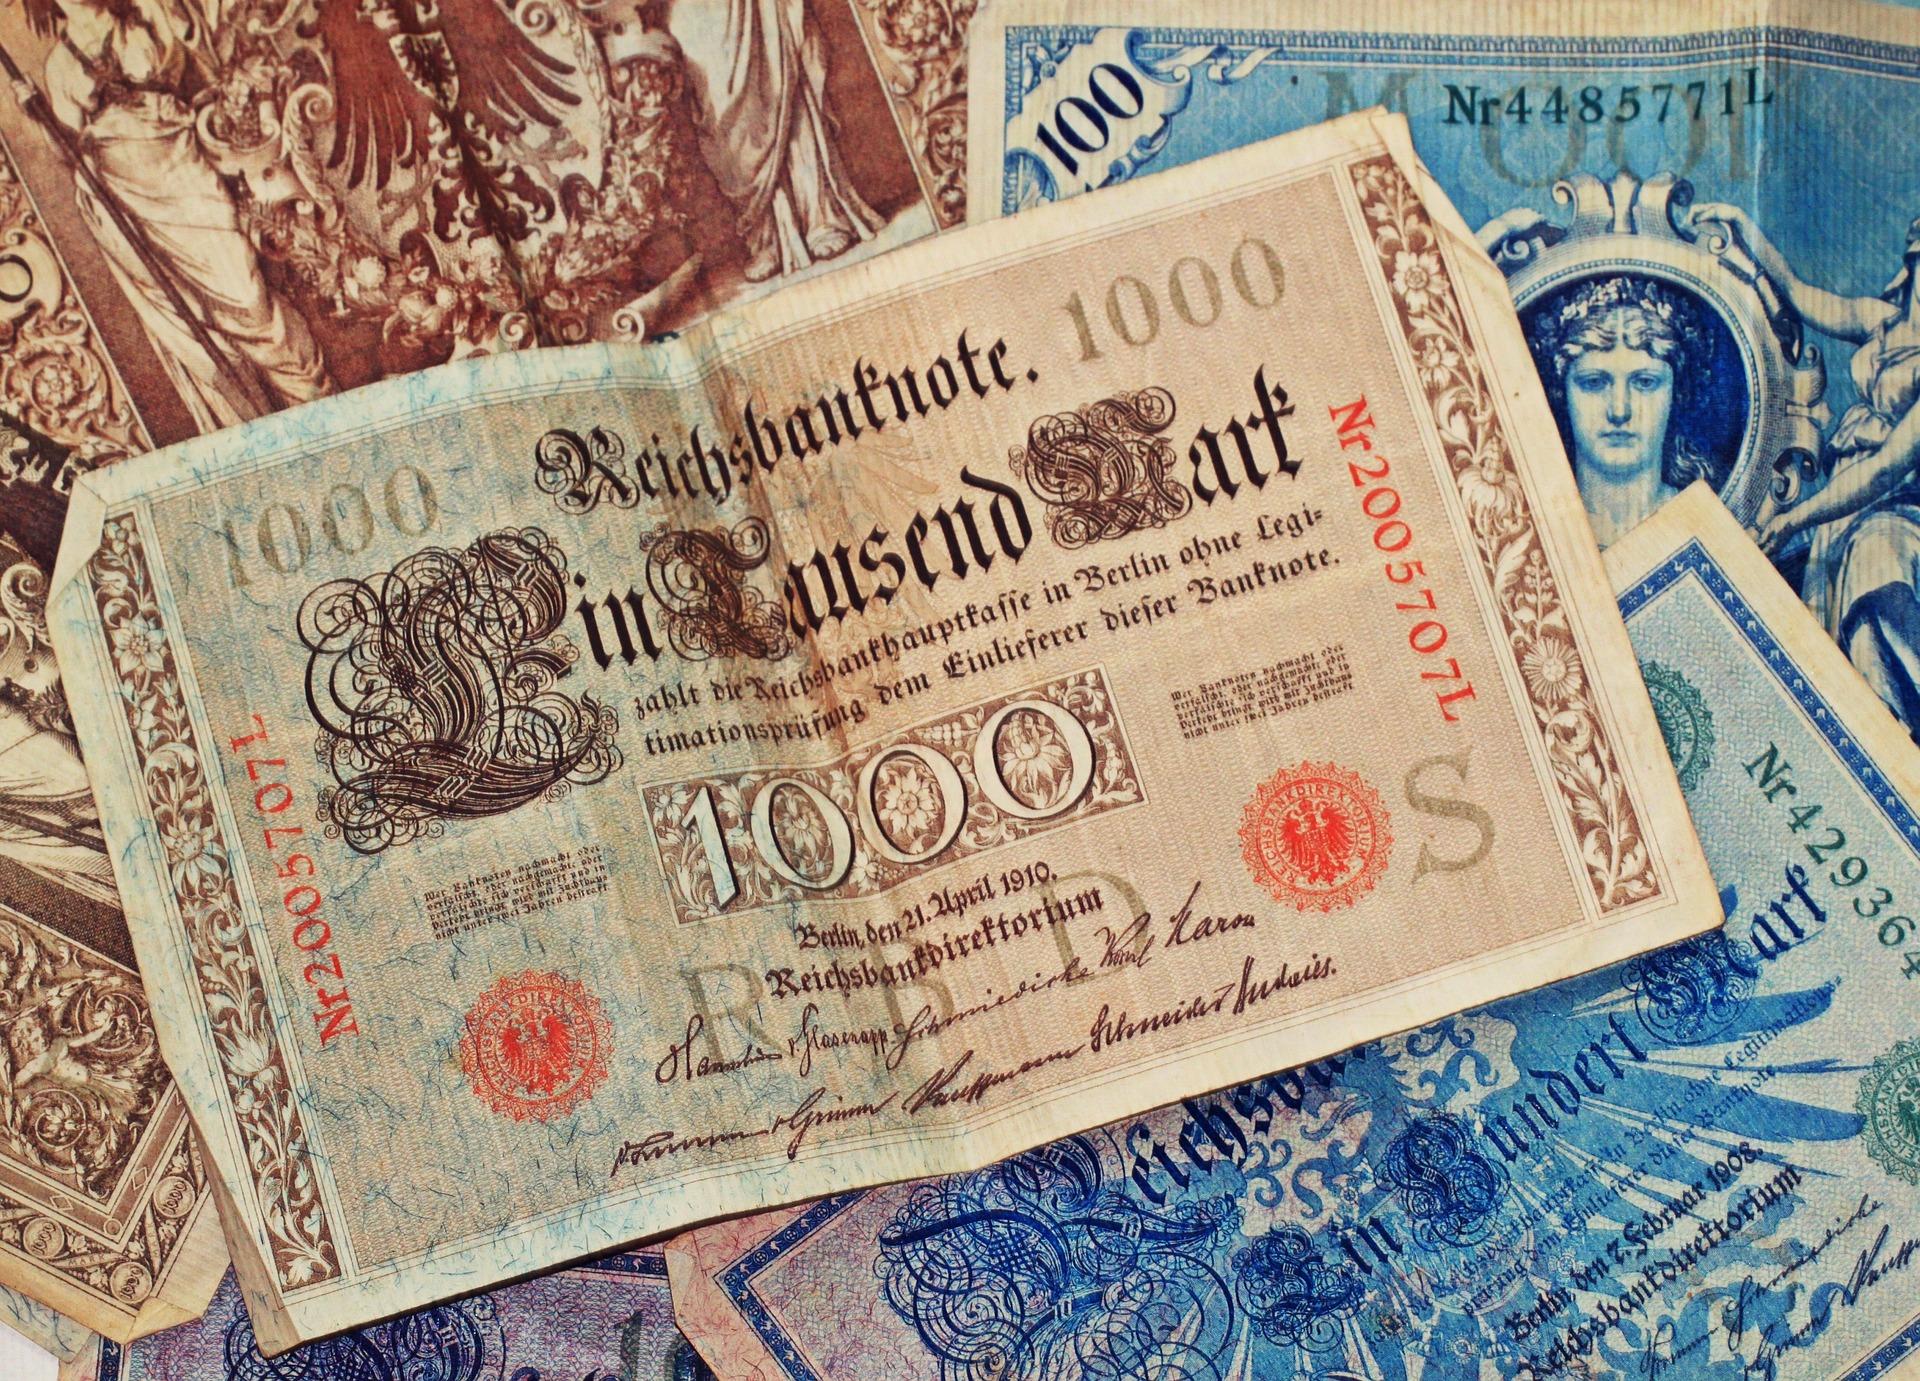 Rich, historische banknoten (3501) book/buch